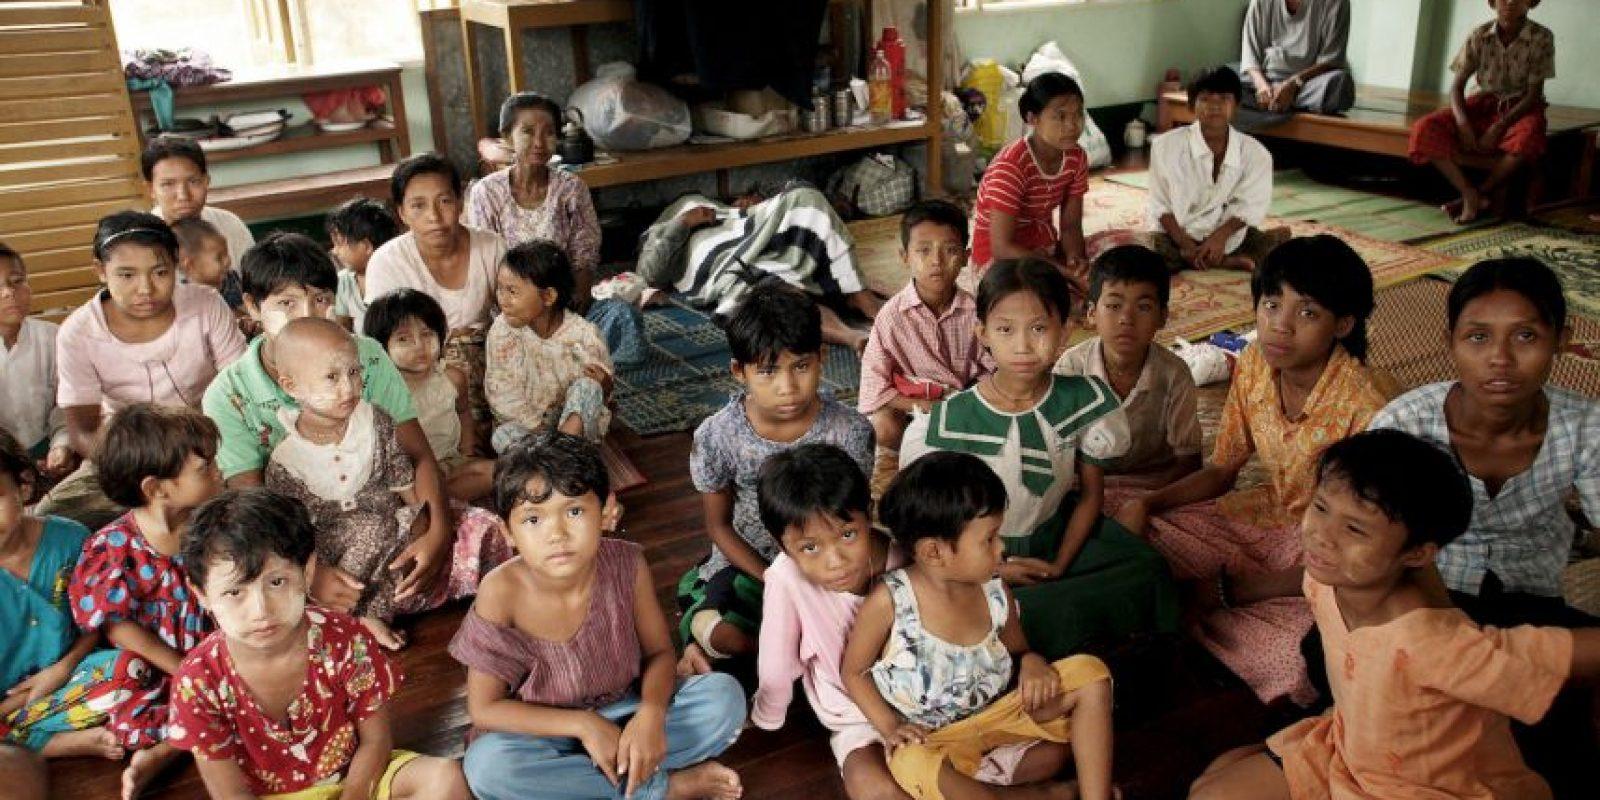 """""""Los grupos que vivieron experiencias infantiles negativas pueden llevar ese coste durante todo el resto de su vida, lo que se reflejará en un deterioro psicológico en la edad adulta"""". Foto:Getty Images"""